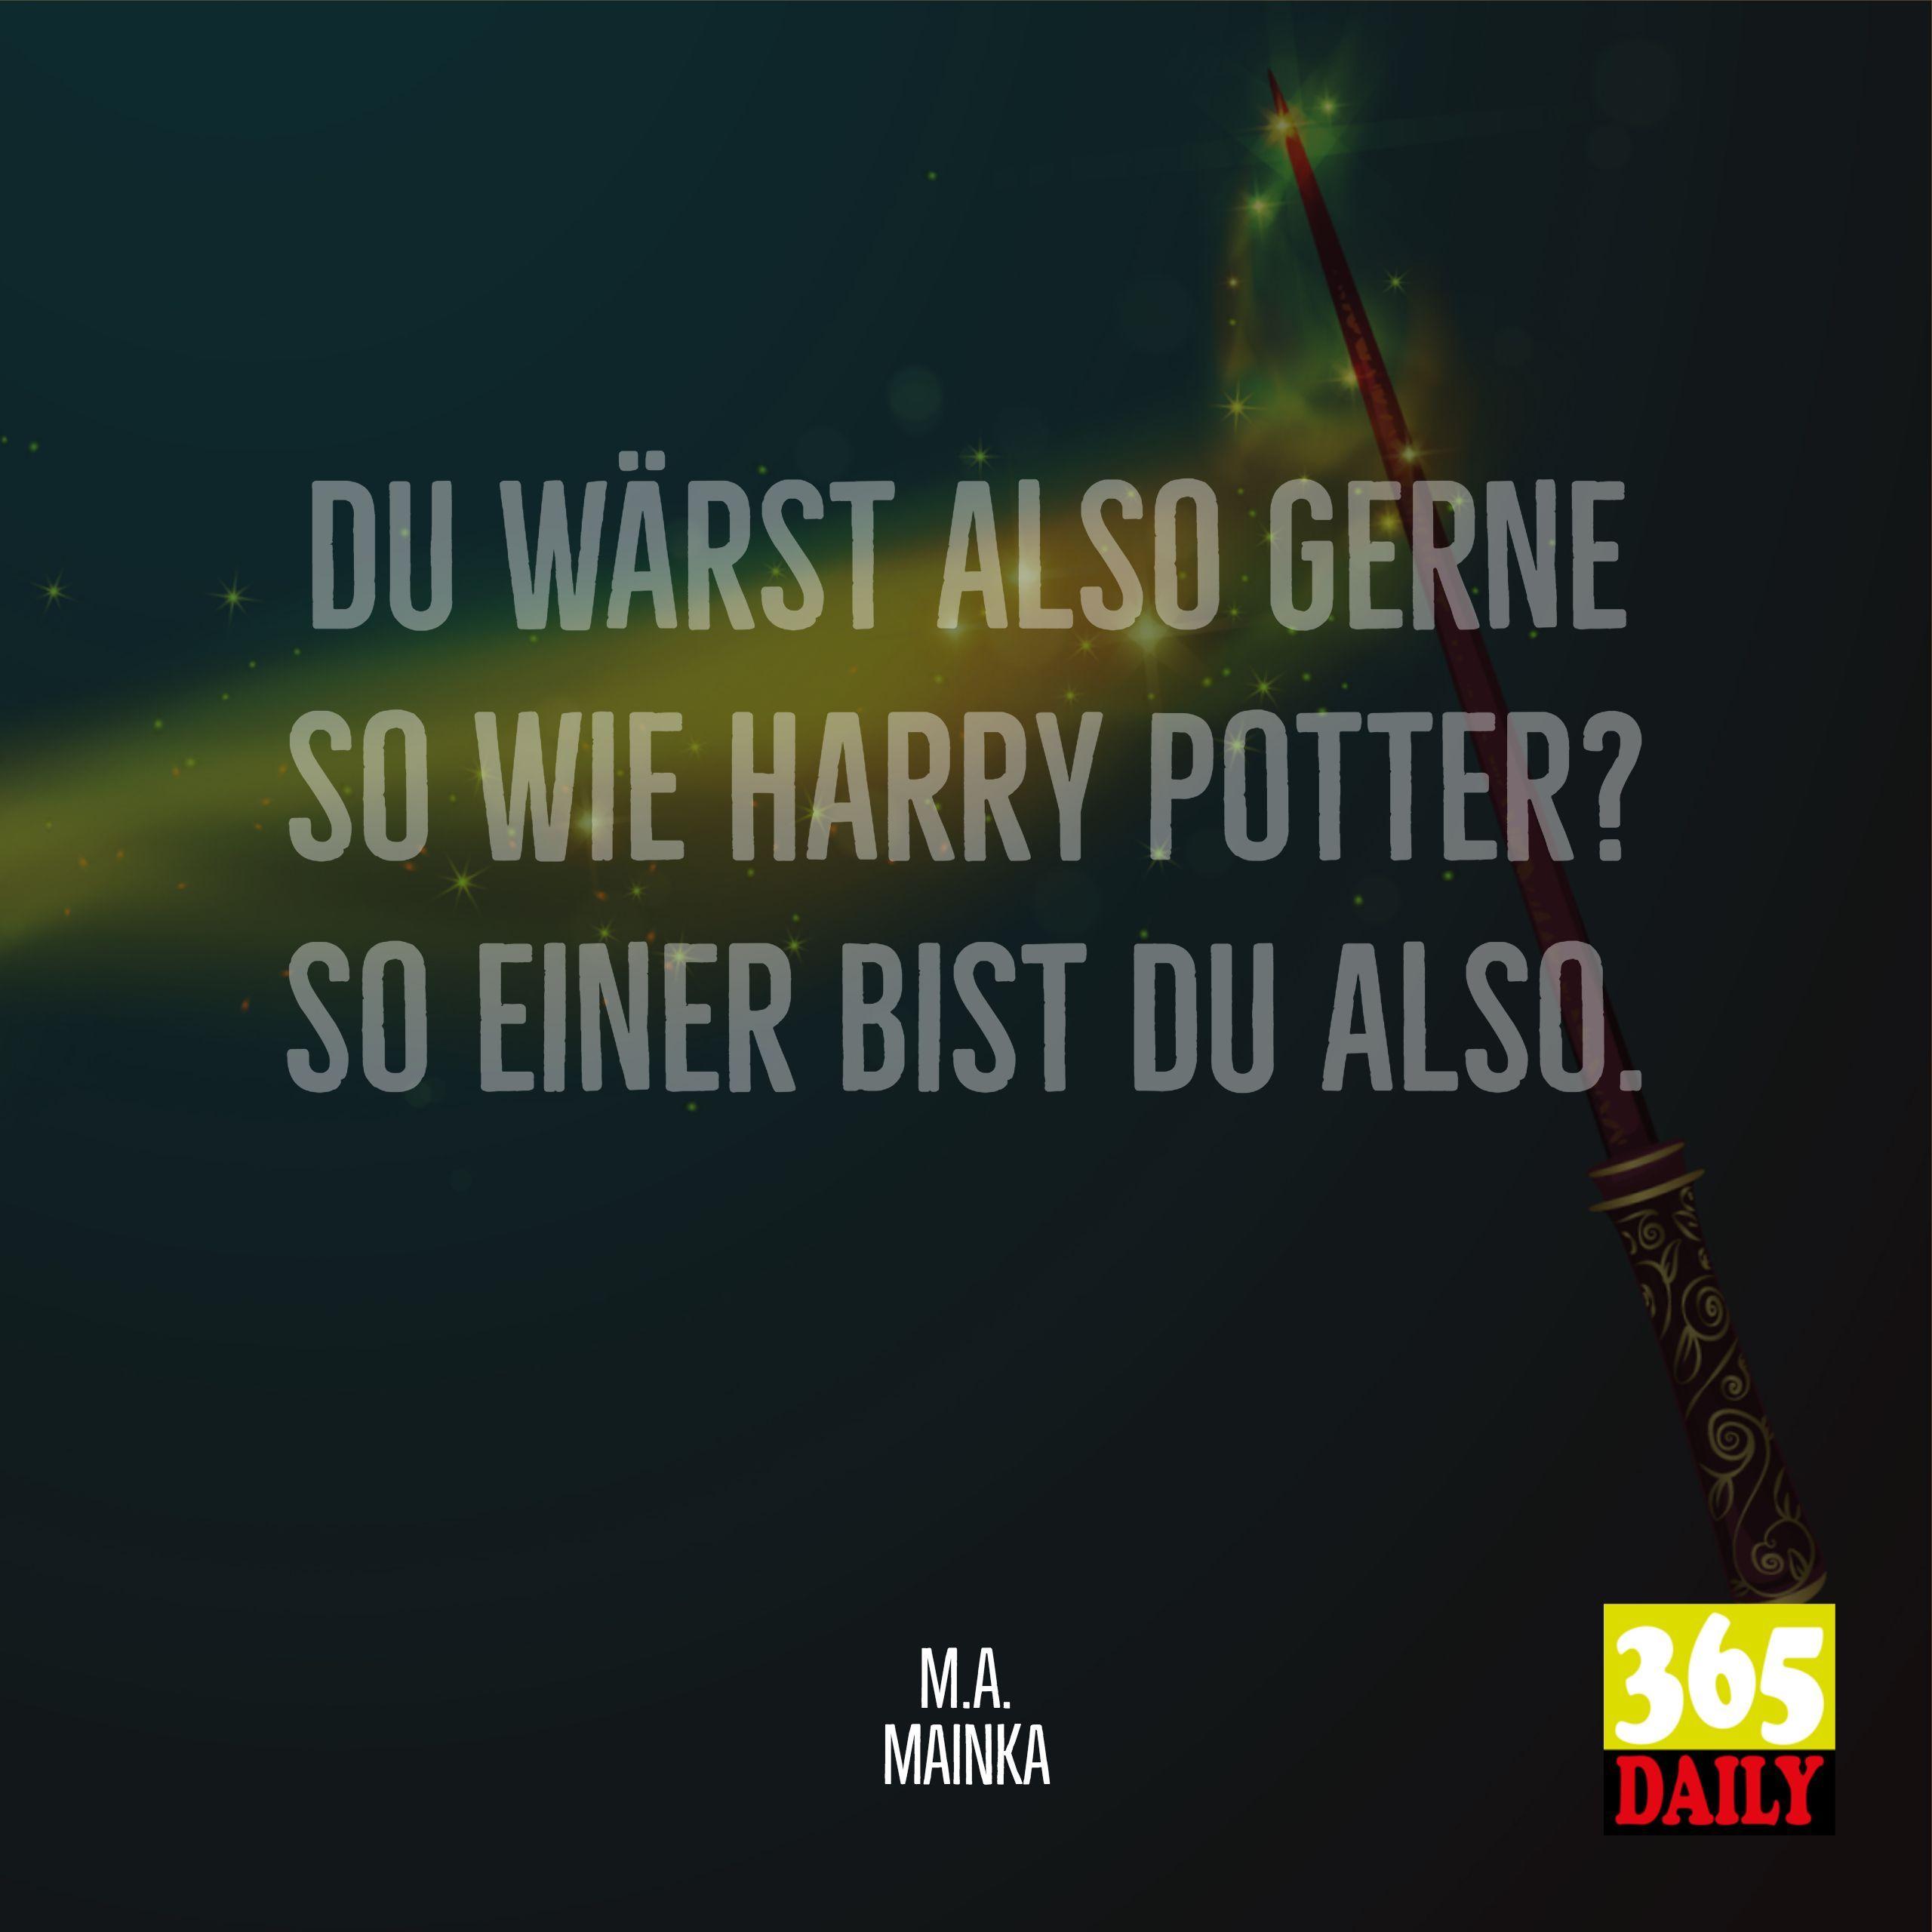 Muggel Oder Zauberer Das Ist Hier Die Frage Fee Einhorn Harry Potter Harrypotter 365 Daily Visualstatements Spruch Weishe Magier Fragen Einhorn